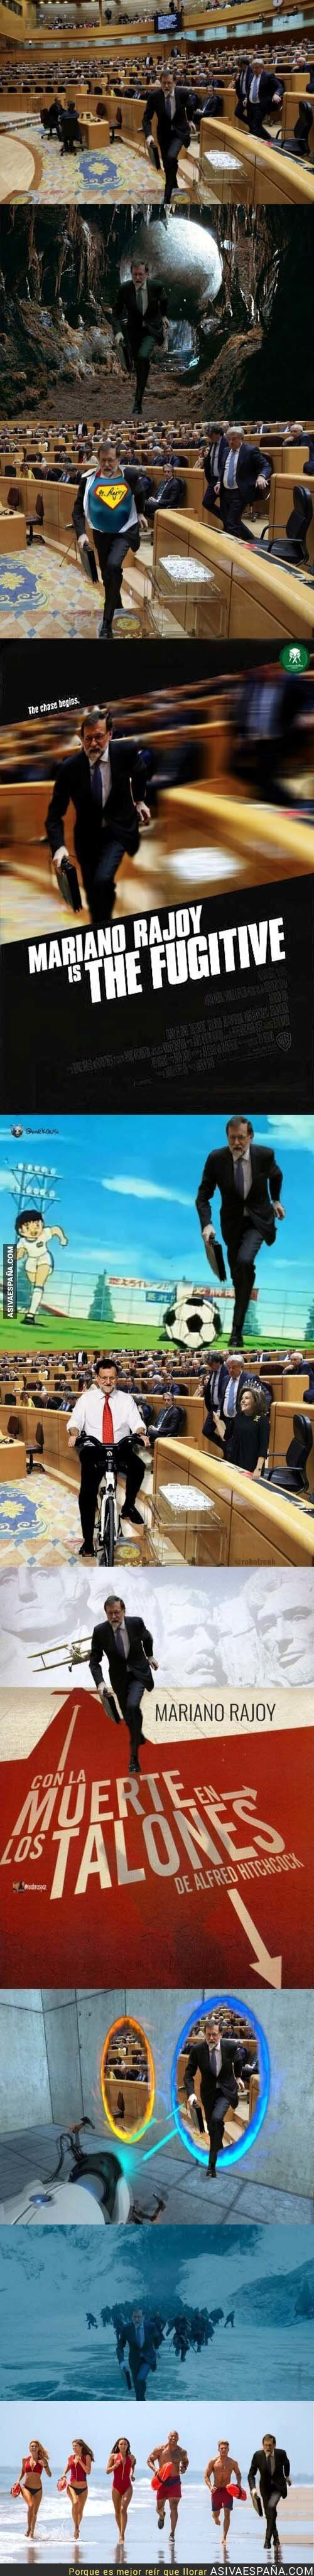 78547 - Mariano Rajoy sale corriendo del Senado e internet se llena de memes